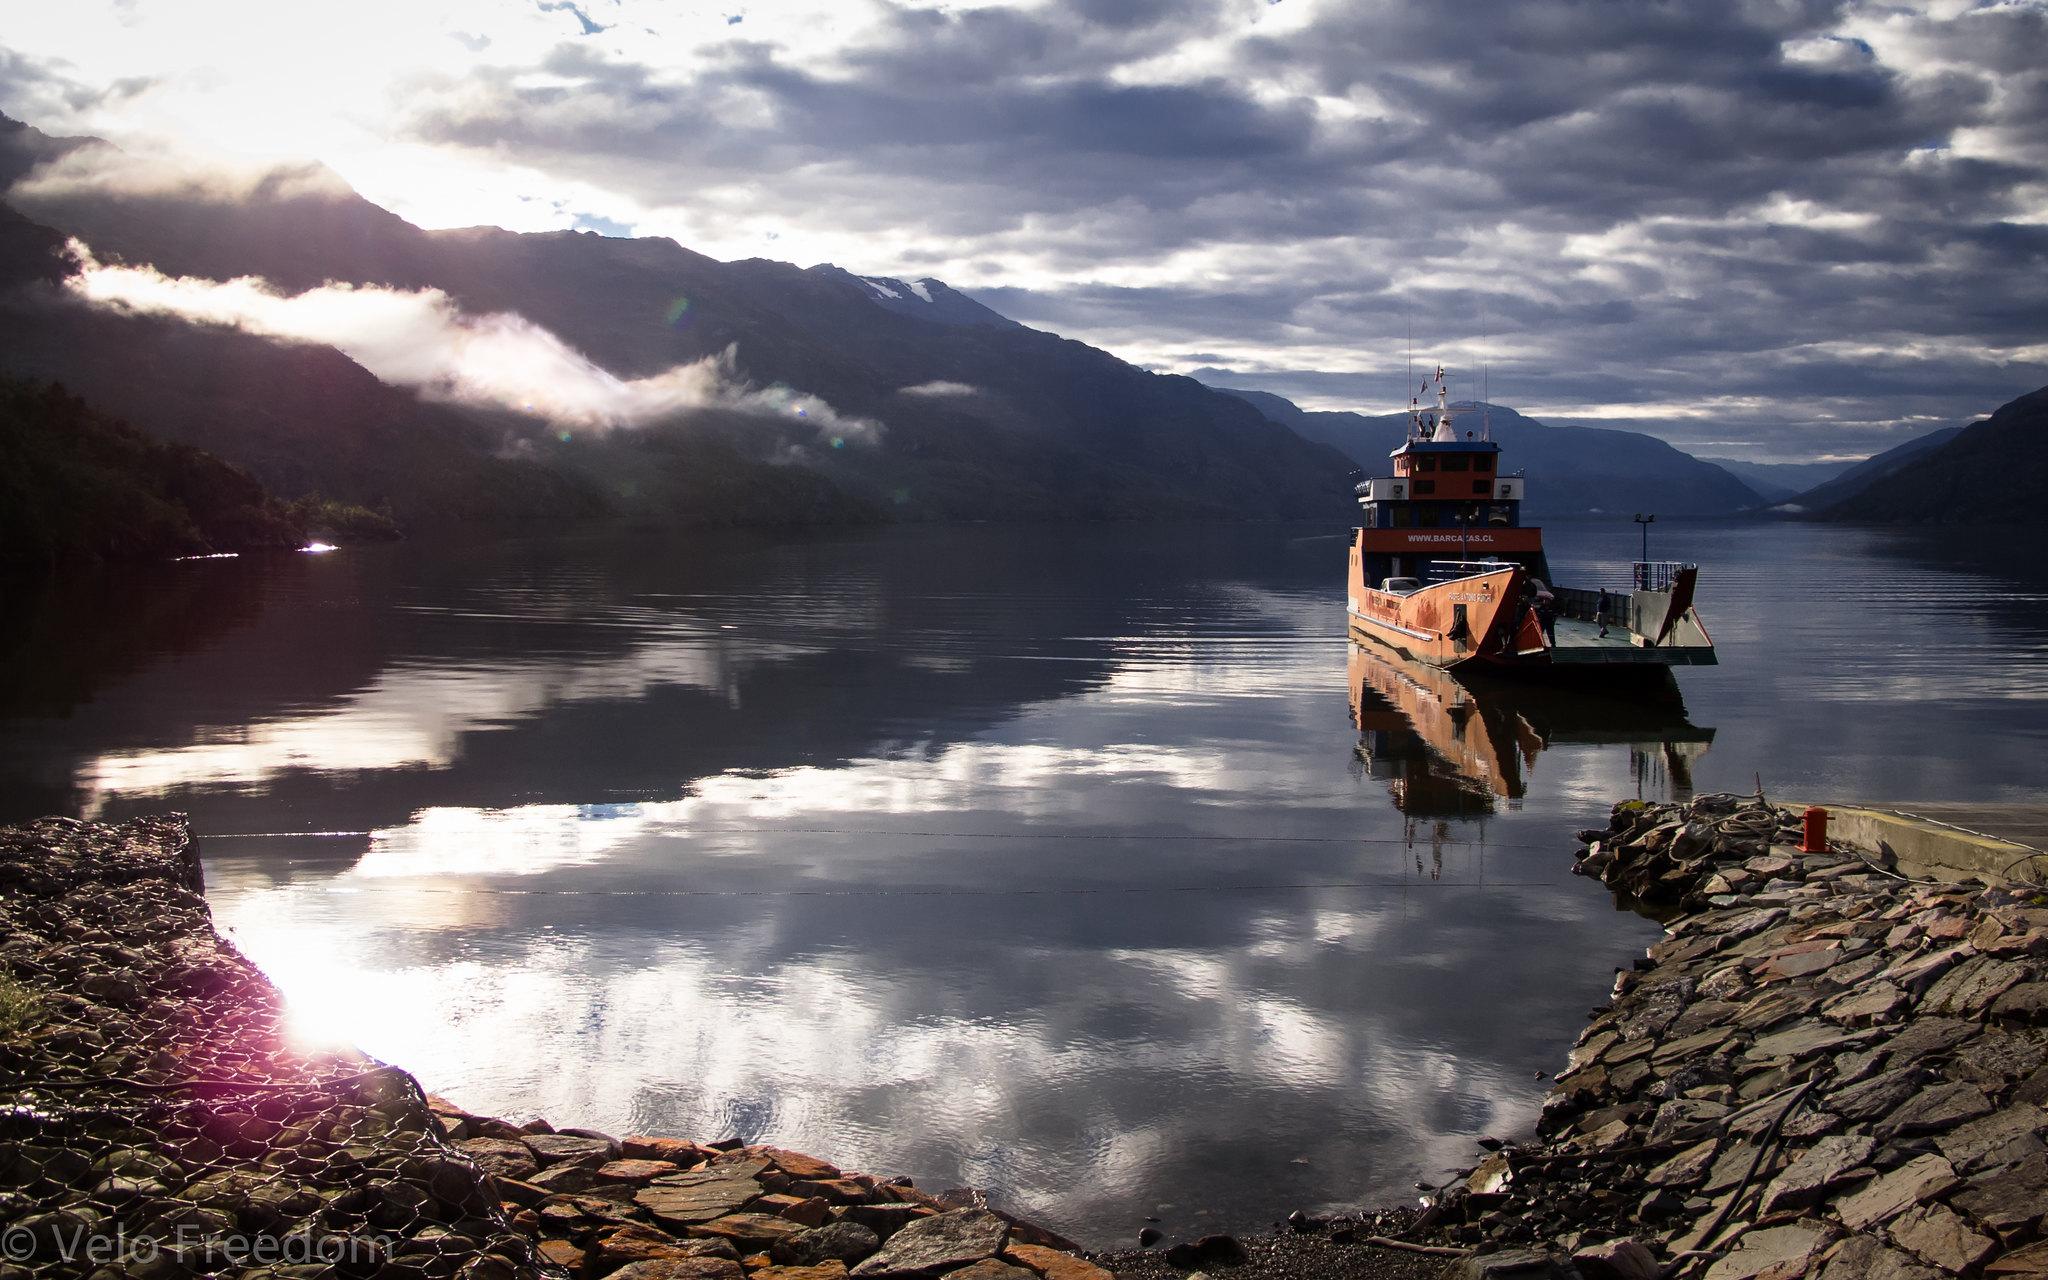 Patagonian Morning